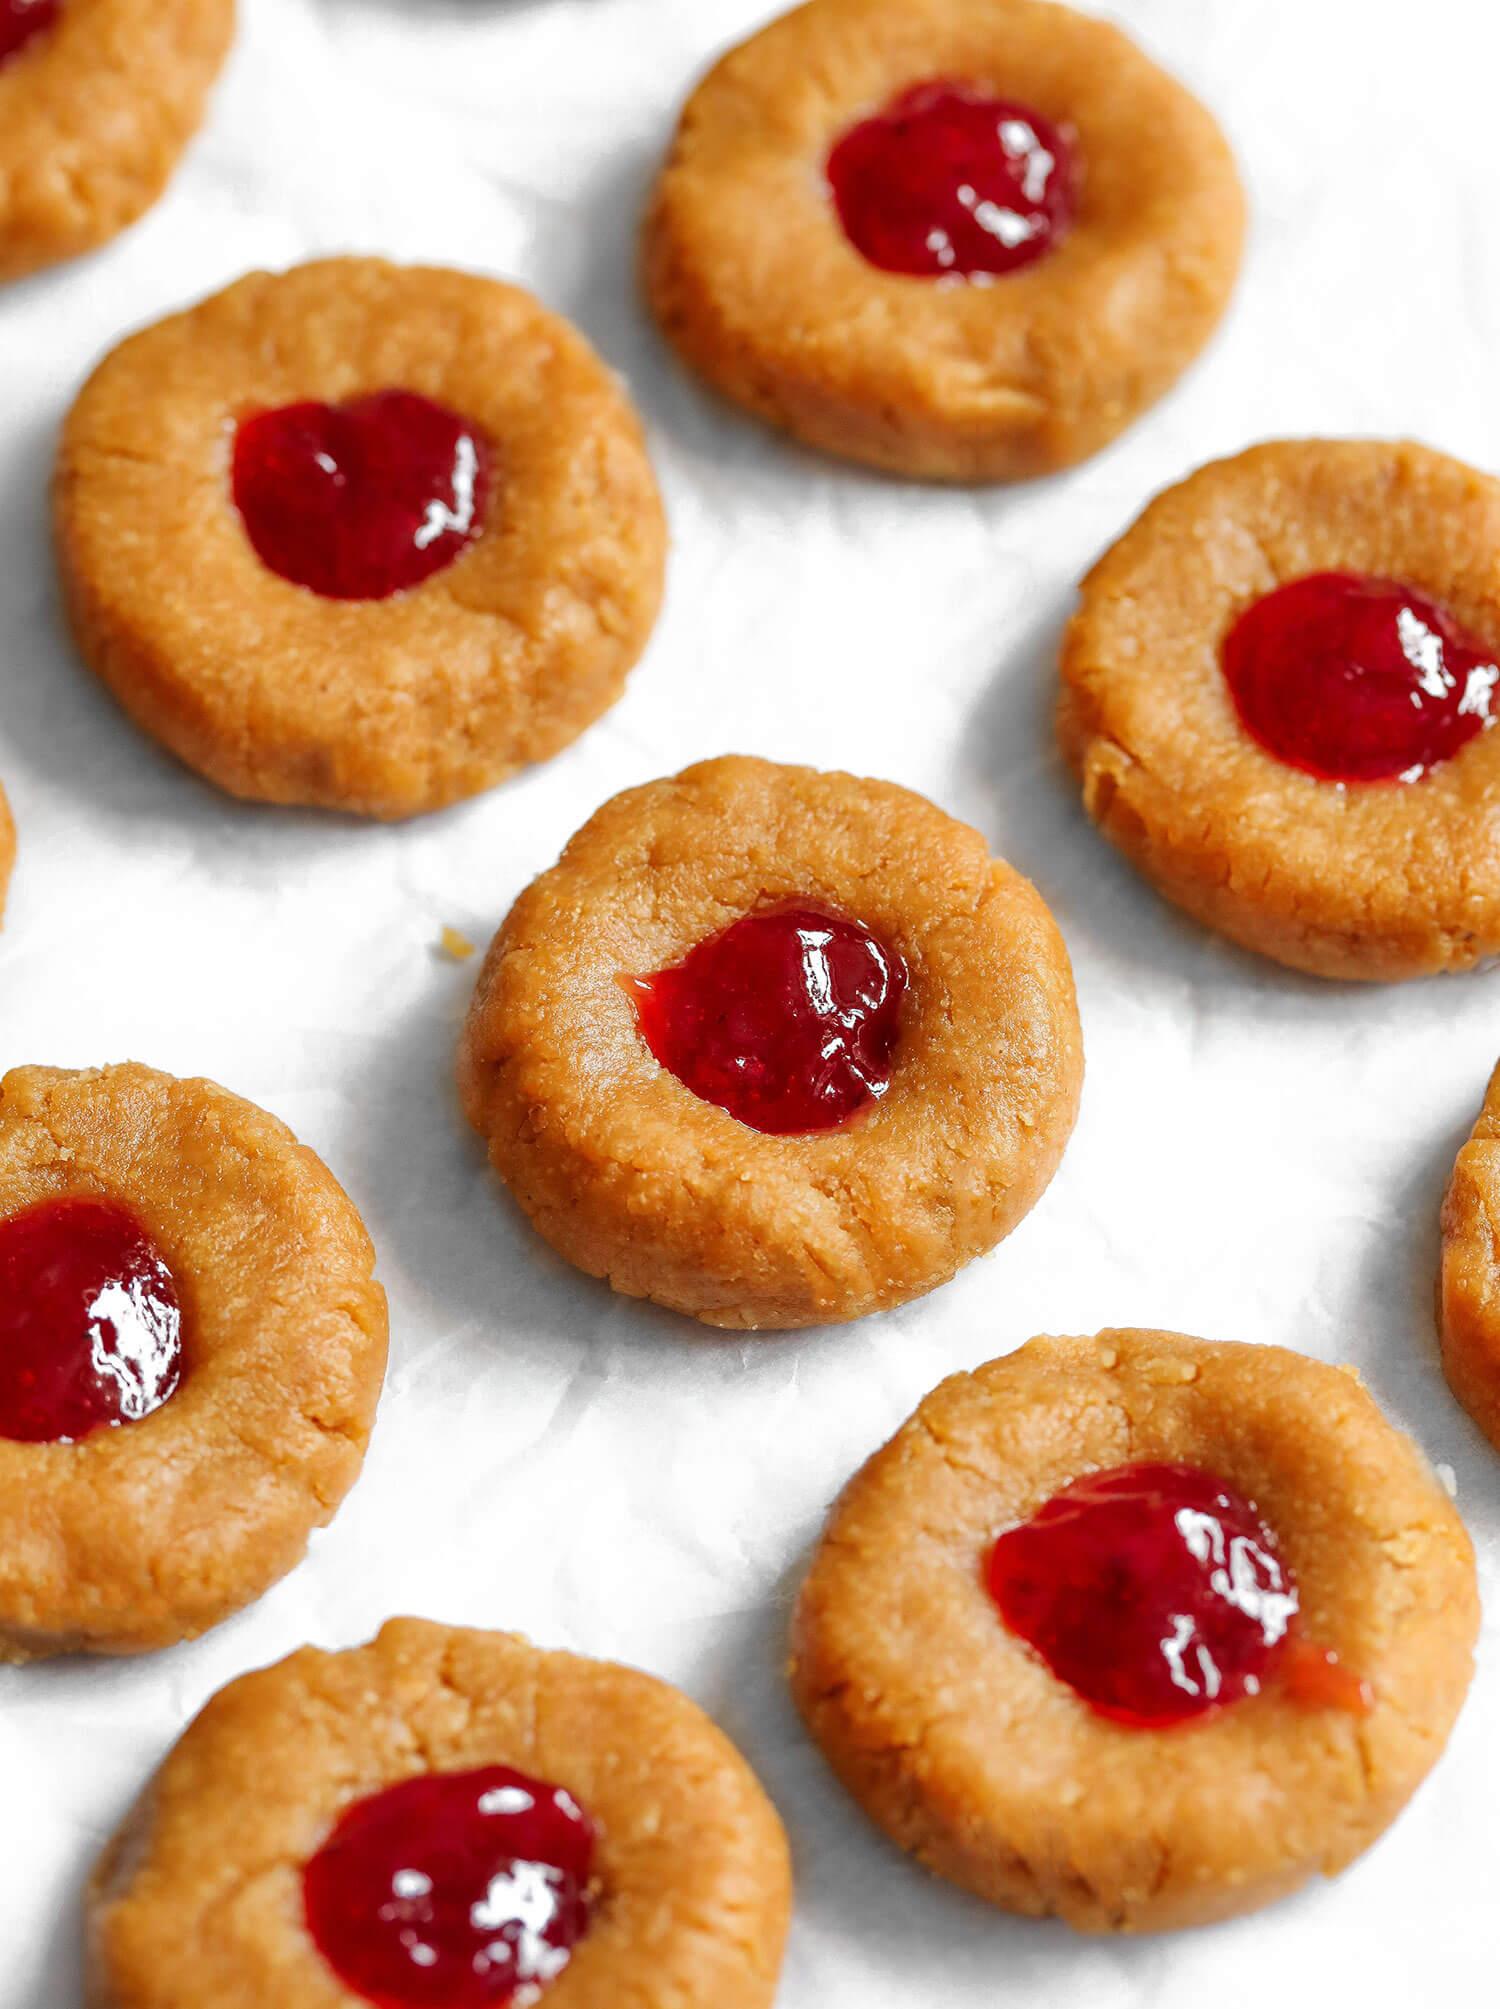 Cookies de impressão digital PB&J vegana não assados - Blog de saúde do Reino Unido 6